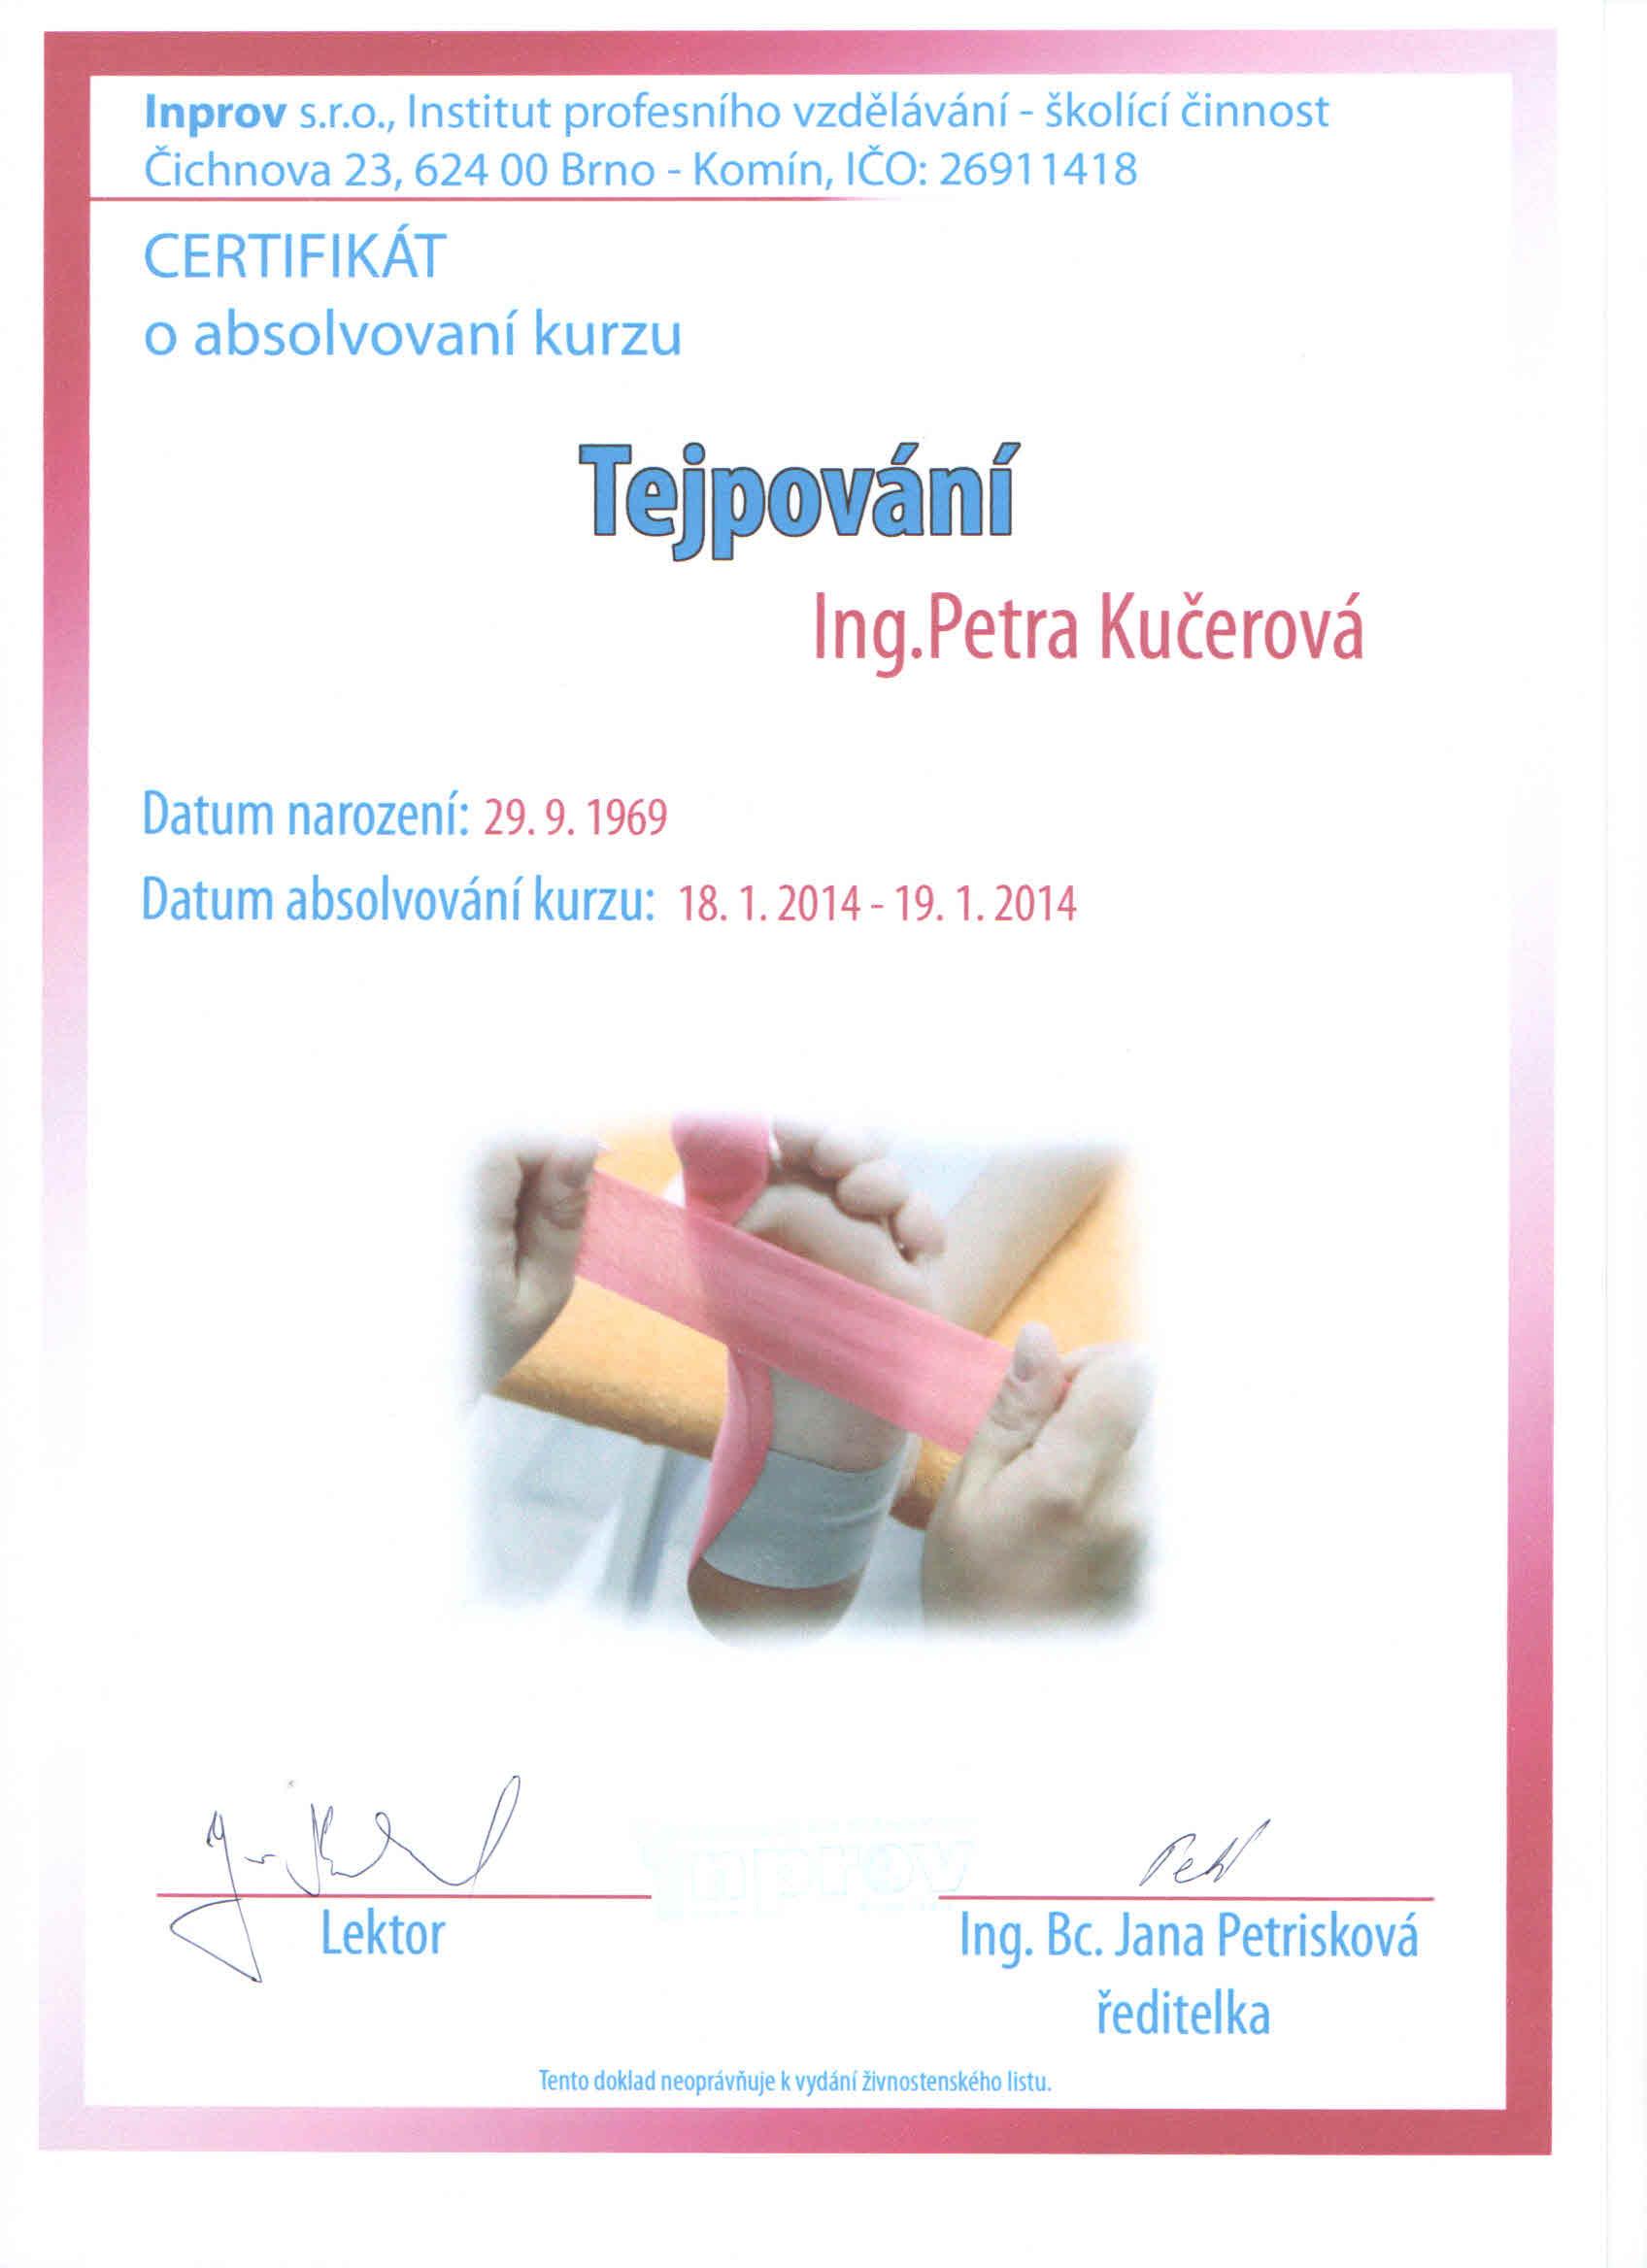 Diplom 9